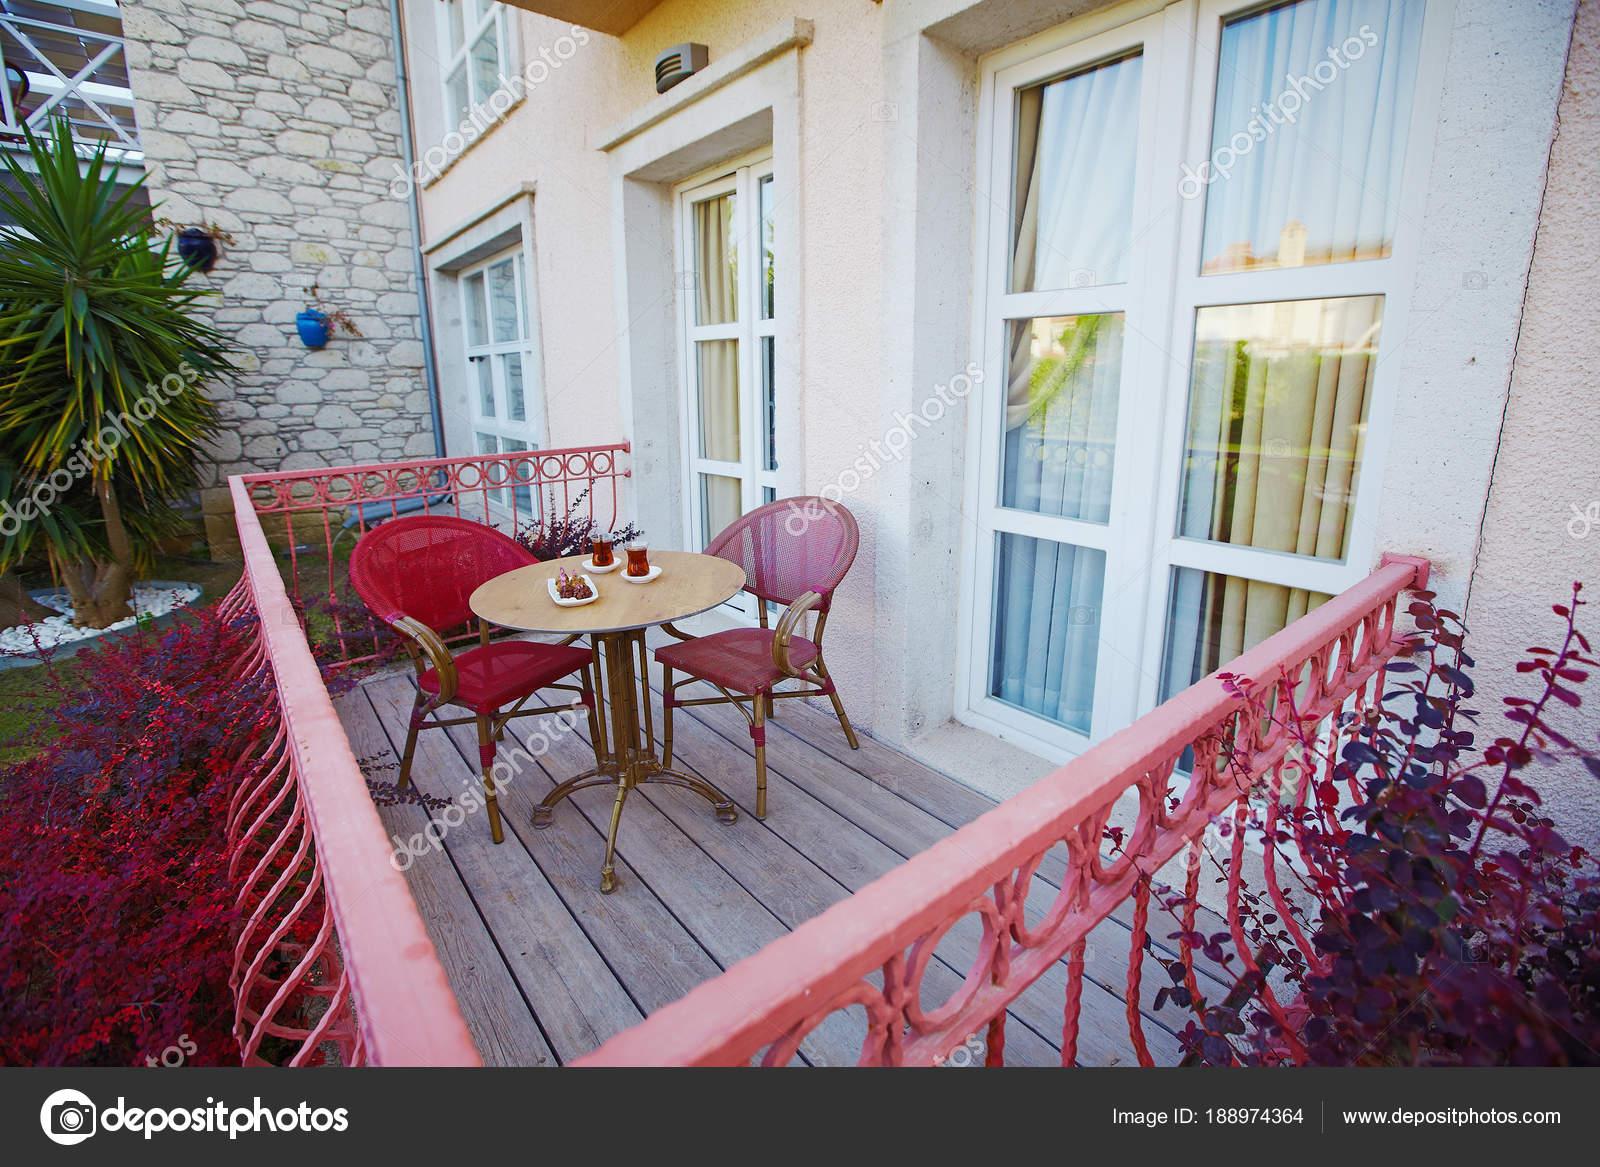 Mobili Per Giardino E Terrazzo.Hotel Accogliente Veranda Terrazza Con Mobili Da Giardino E Servito